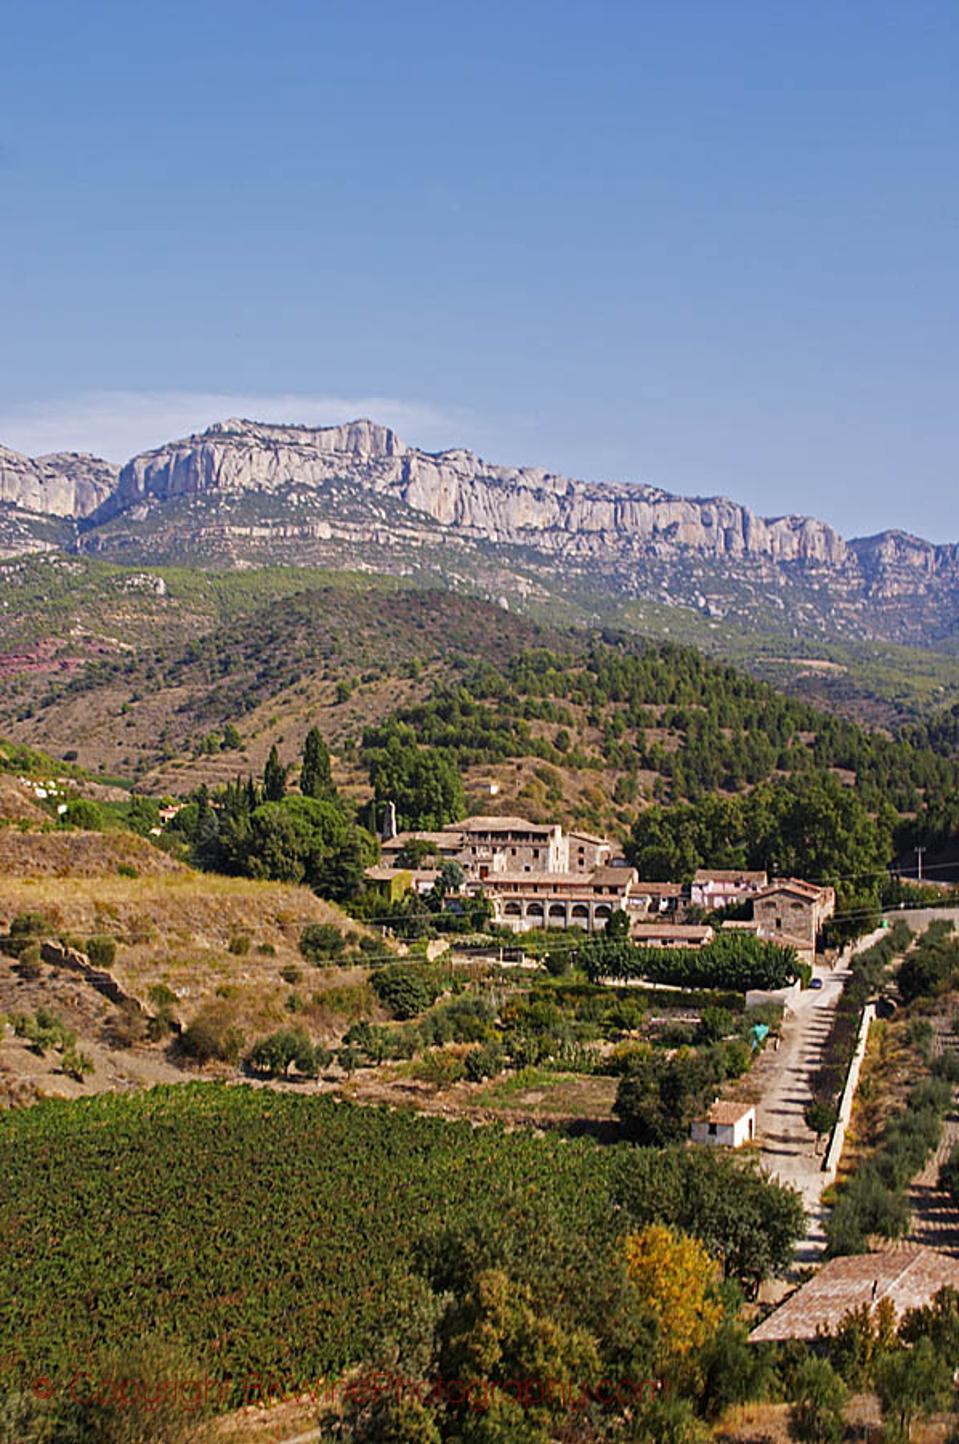 Scala Dei village and monastery, Priorato, Catalonia, Spain